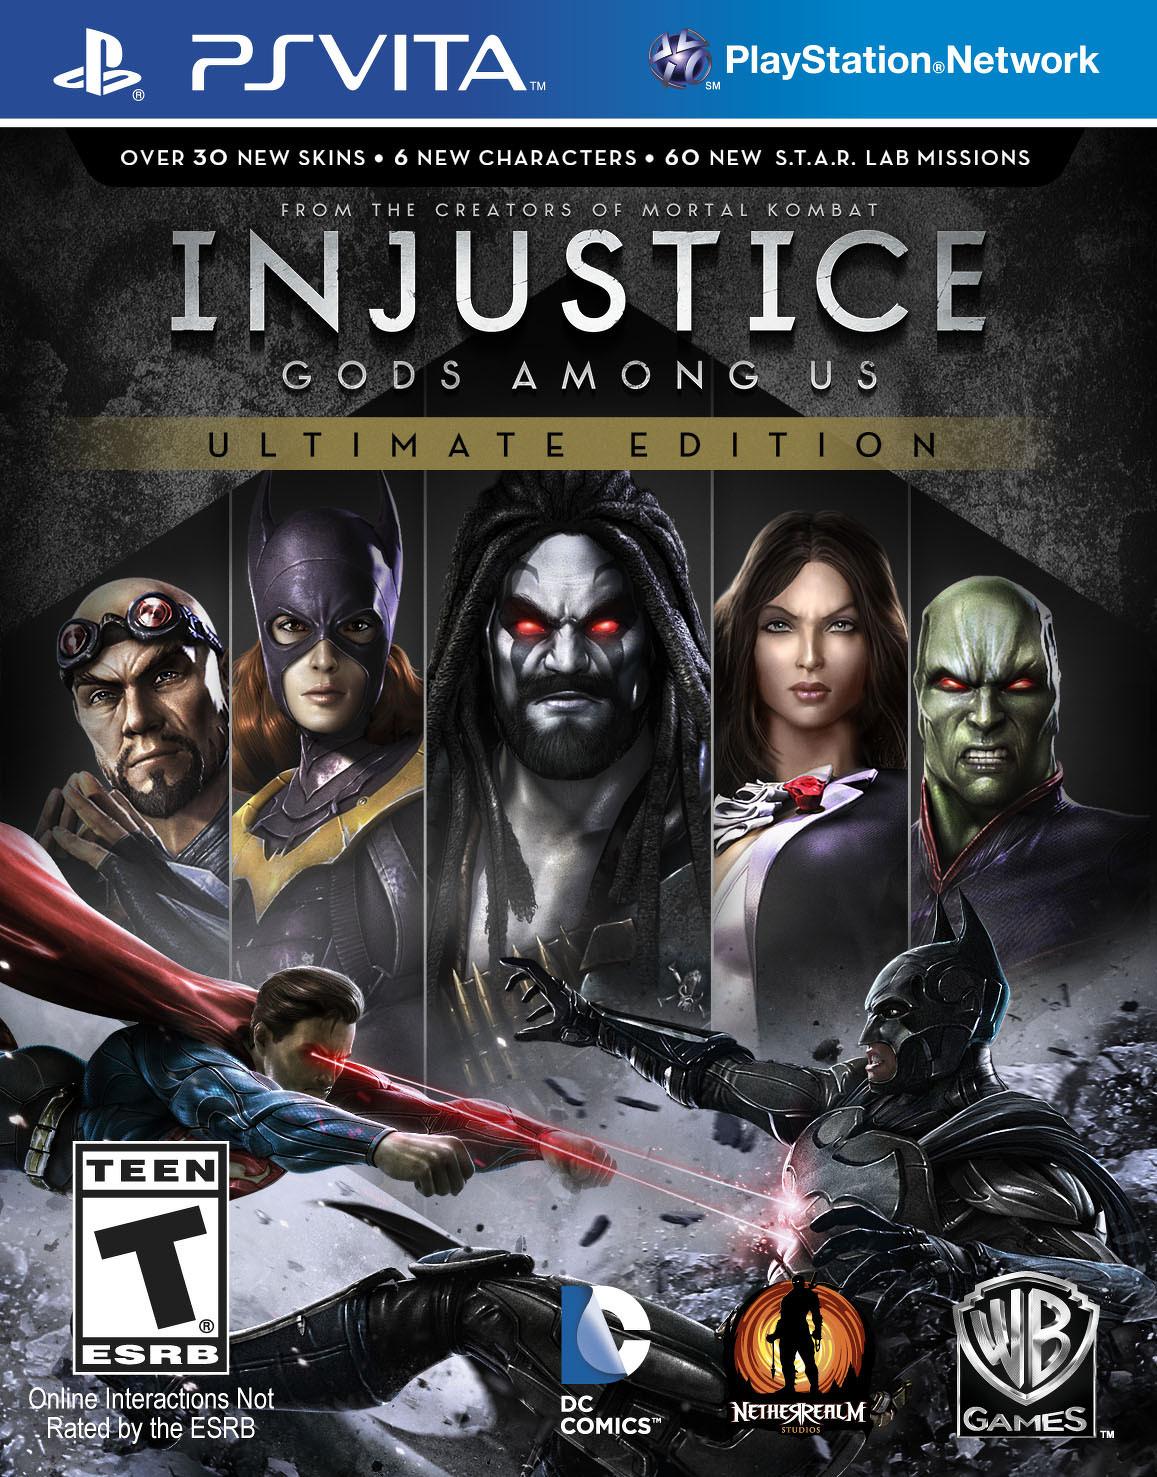 Bojovka Injustice: Gods Among Us oznámena pro PC, PS4 a Vita 88627